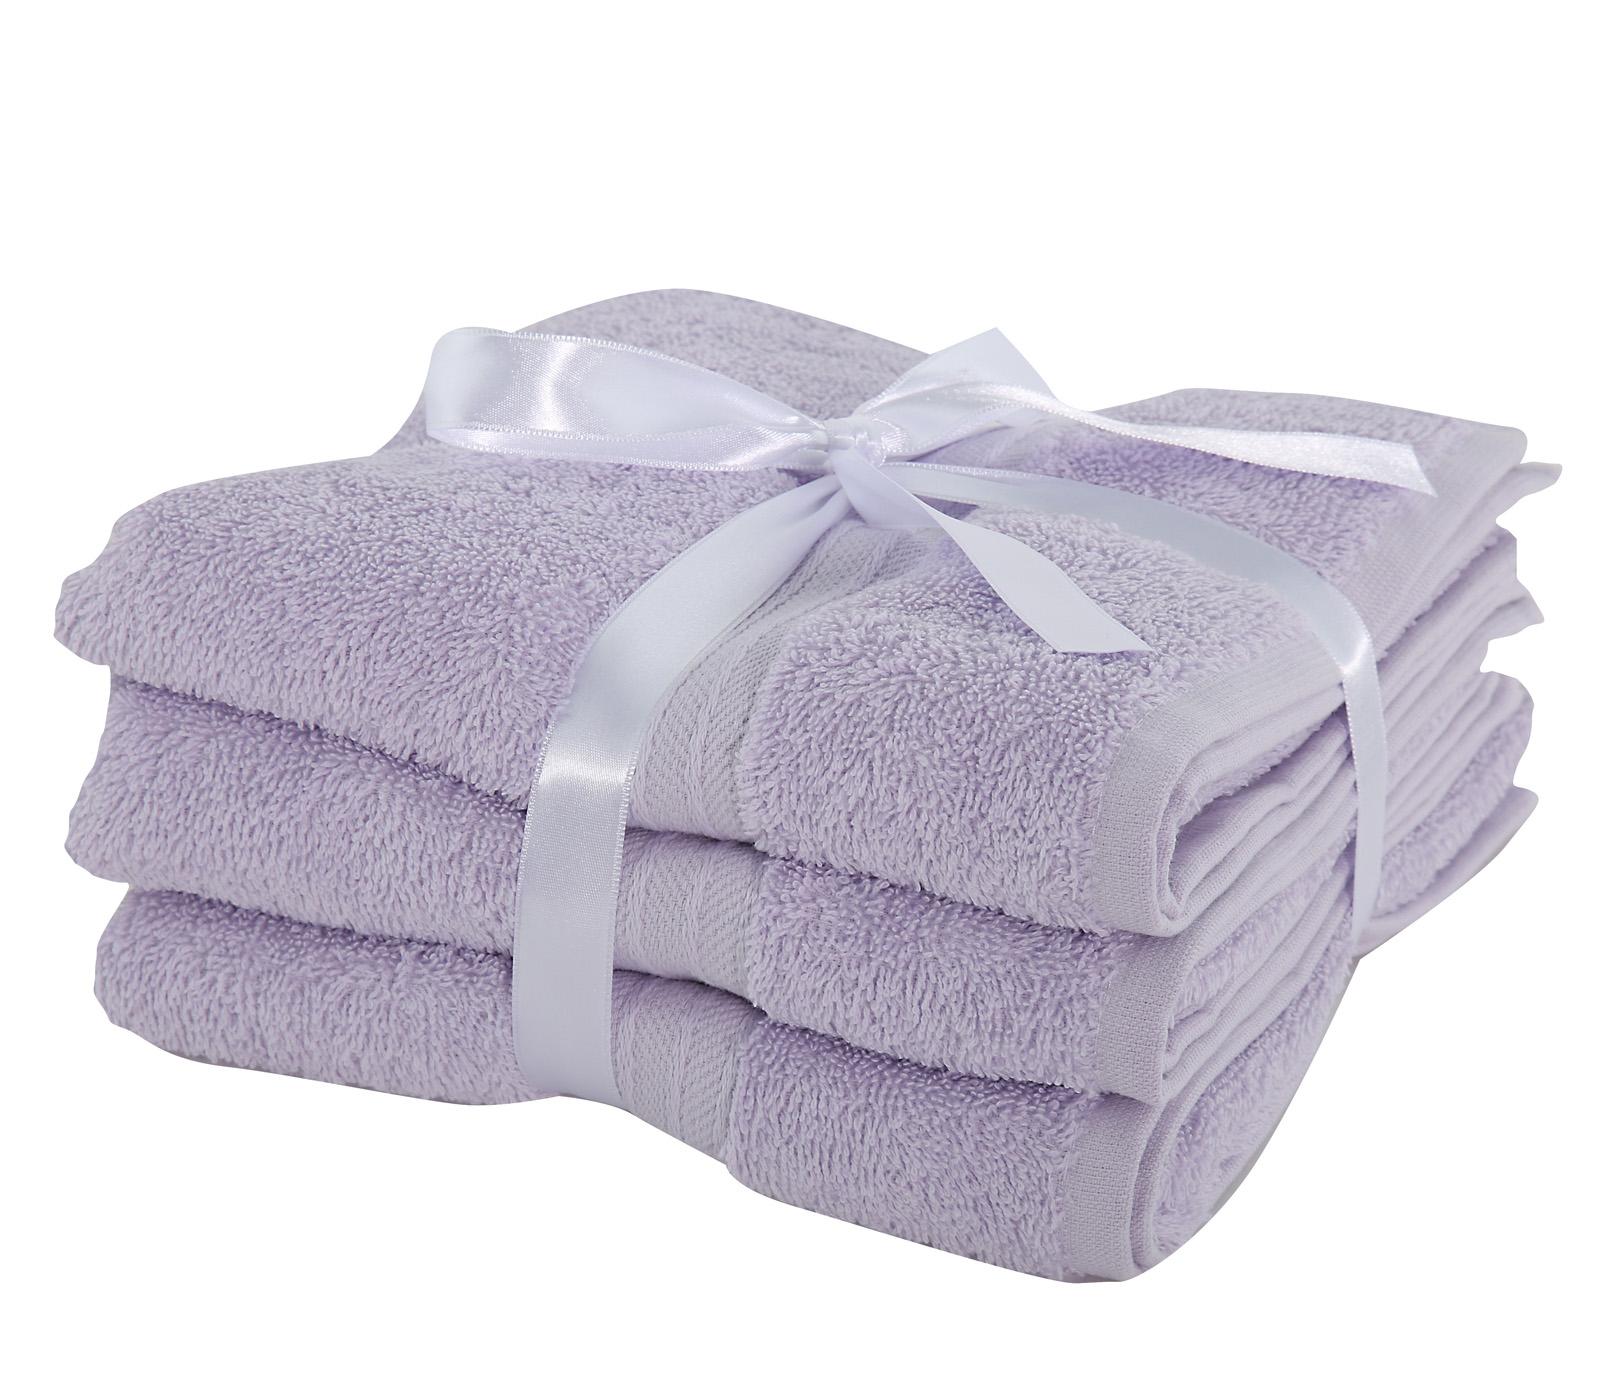 Πετσέτες Προσώπου (Σετ 3 Τμχ) Nef Nef Cosy Lavender